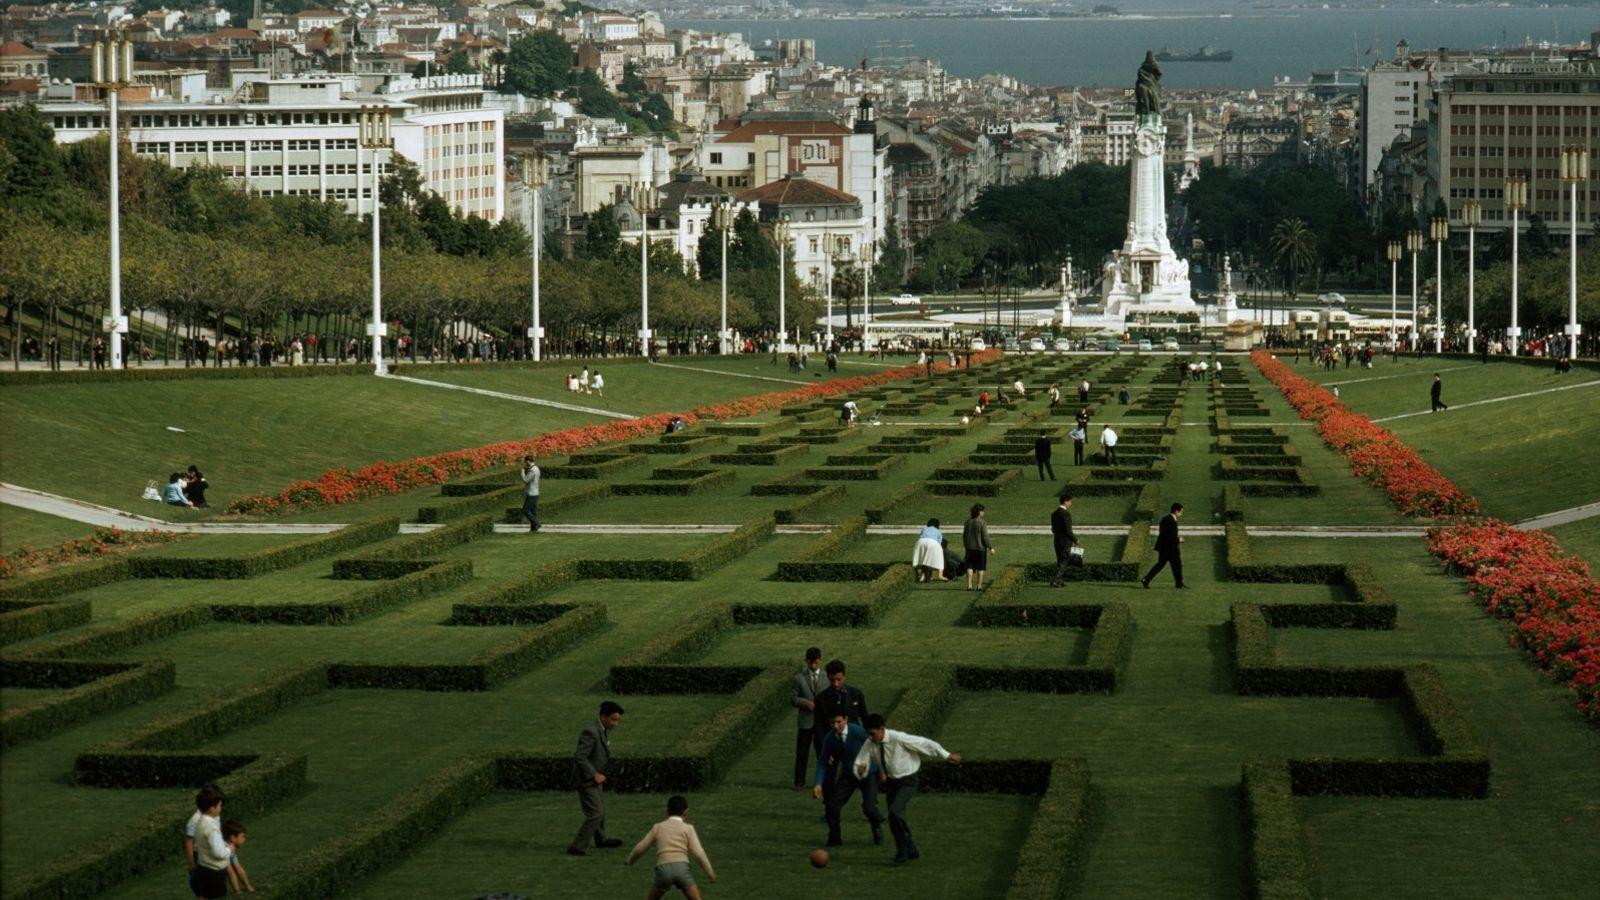 Pessoas passeiam e jogam futebol no jardim esculpido, com a estátua do Marquês de Pombal nas ...